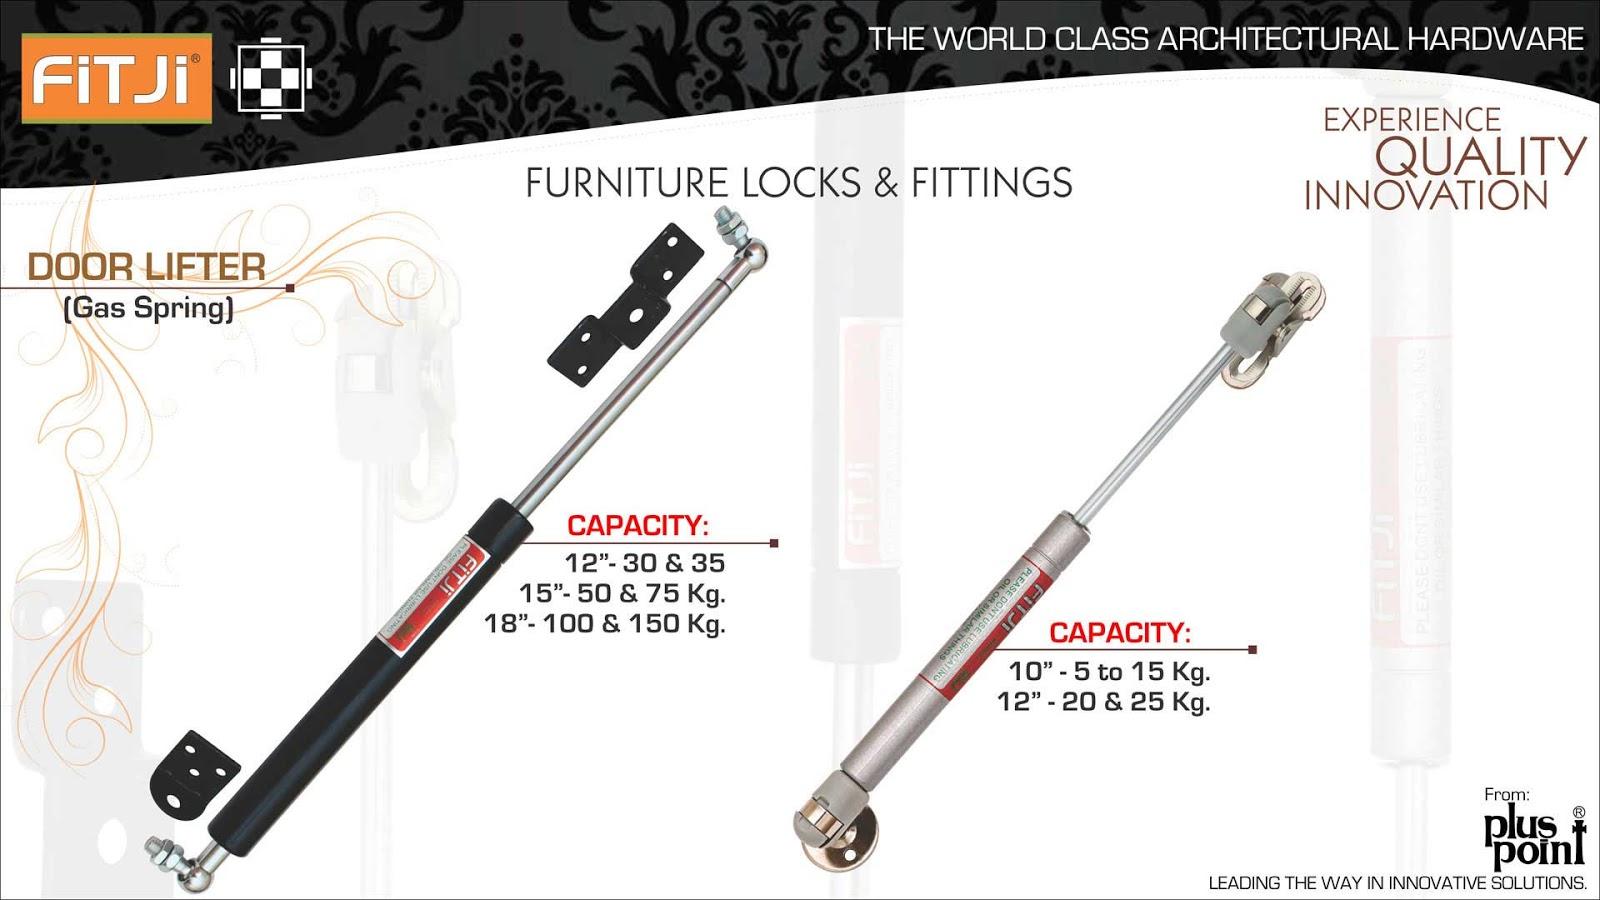 Door Lifter H (Gas Spring)  Door Lifter L (Gas Spring)  sc 1 st  fitji locks & FITJI LOCKS